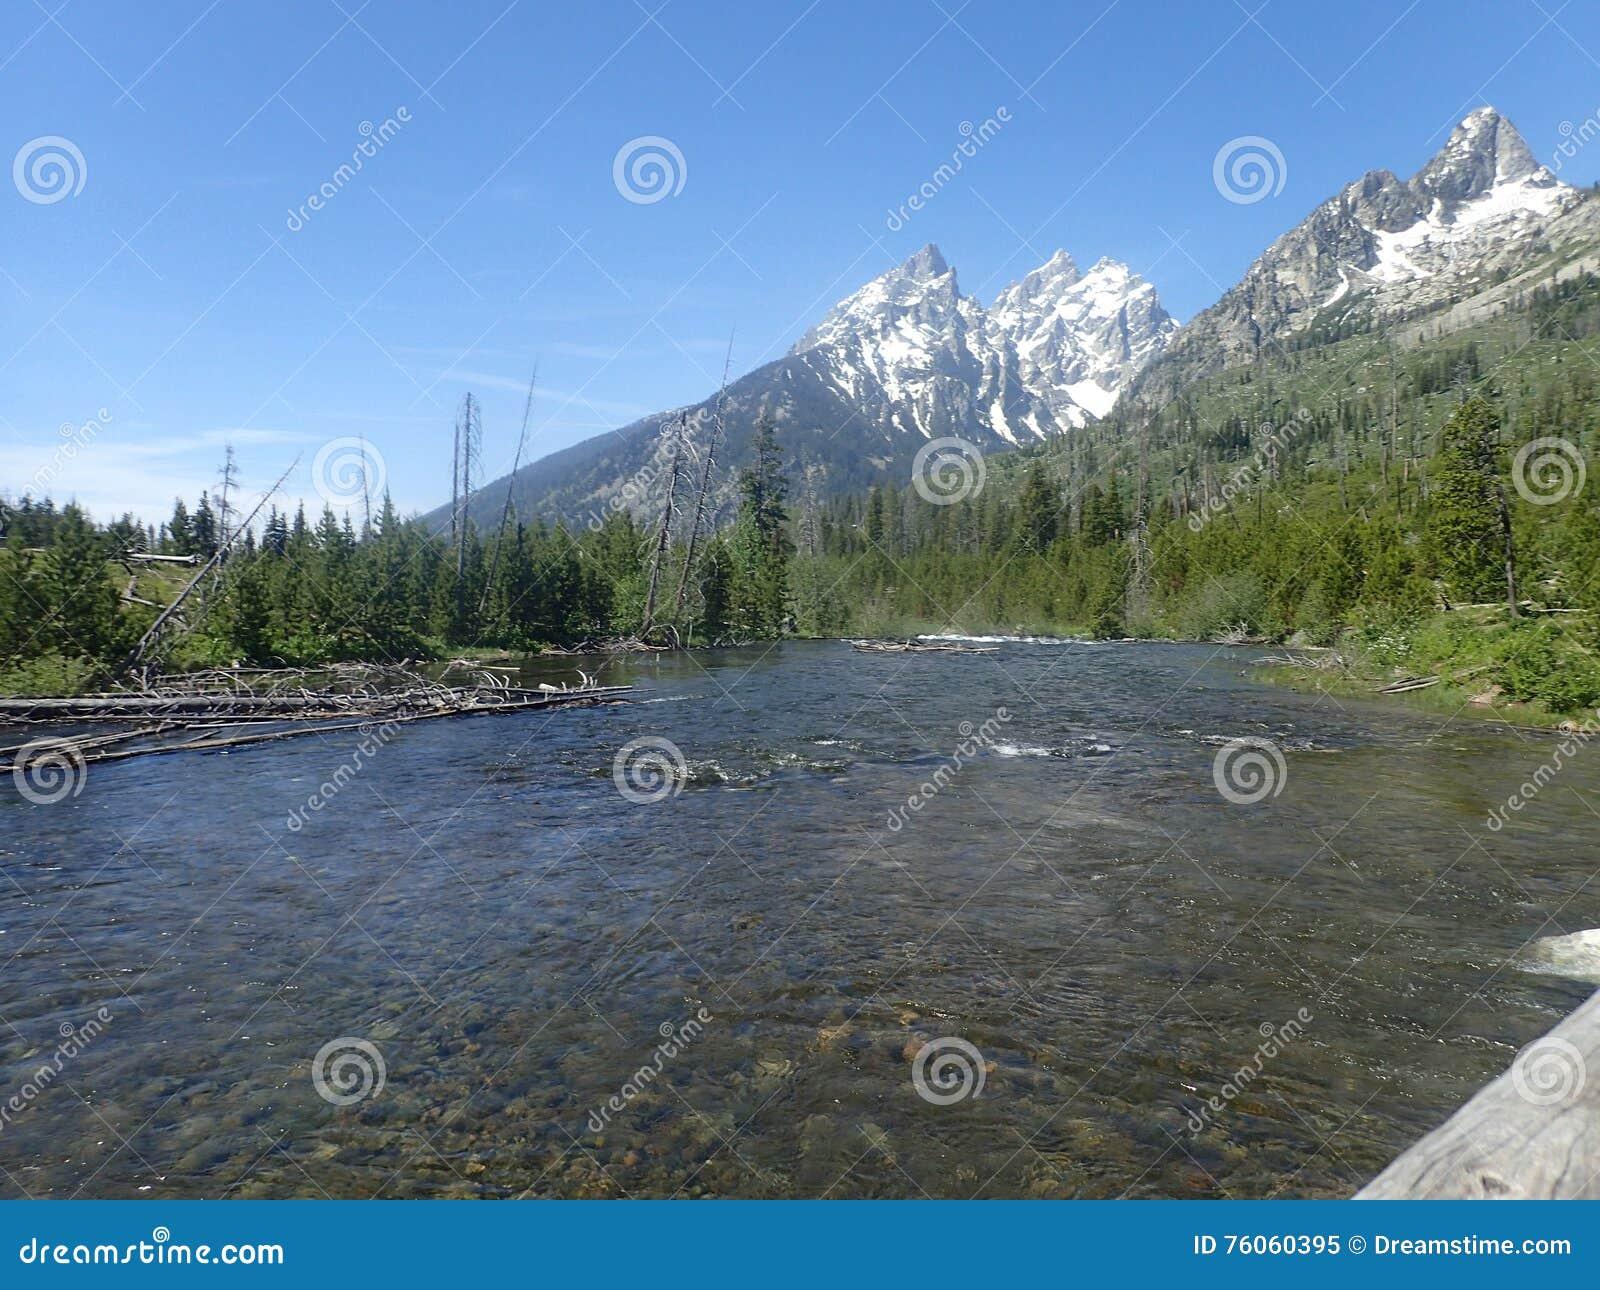 το φθινόπωρο έκανε νωρίς την εικόνα βουνών βουνών το πολικό ρεύμα